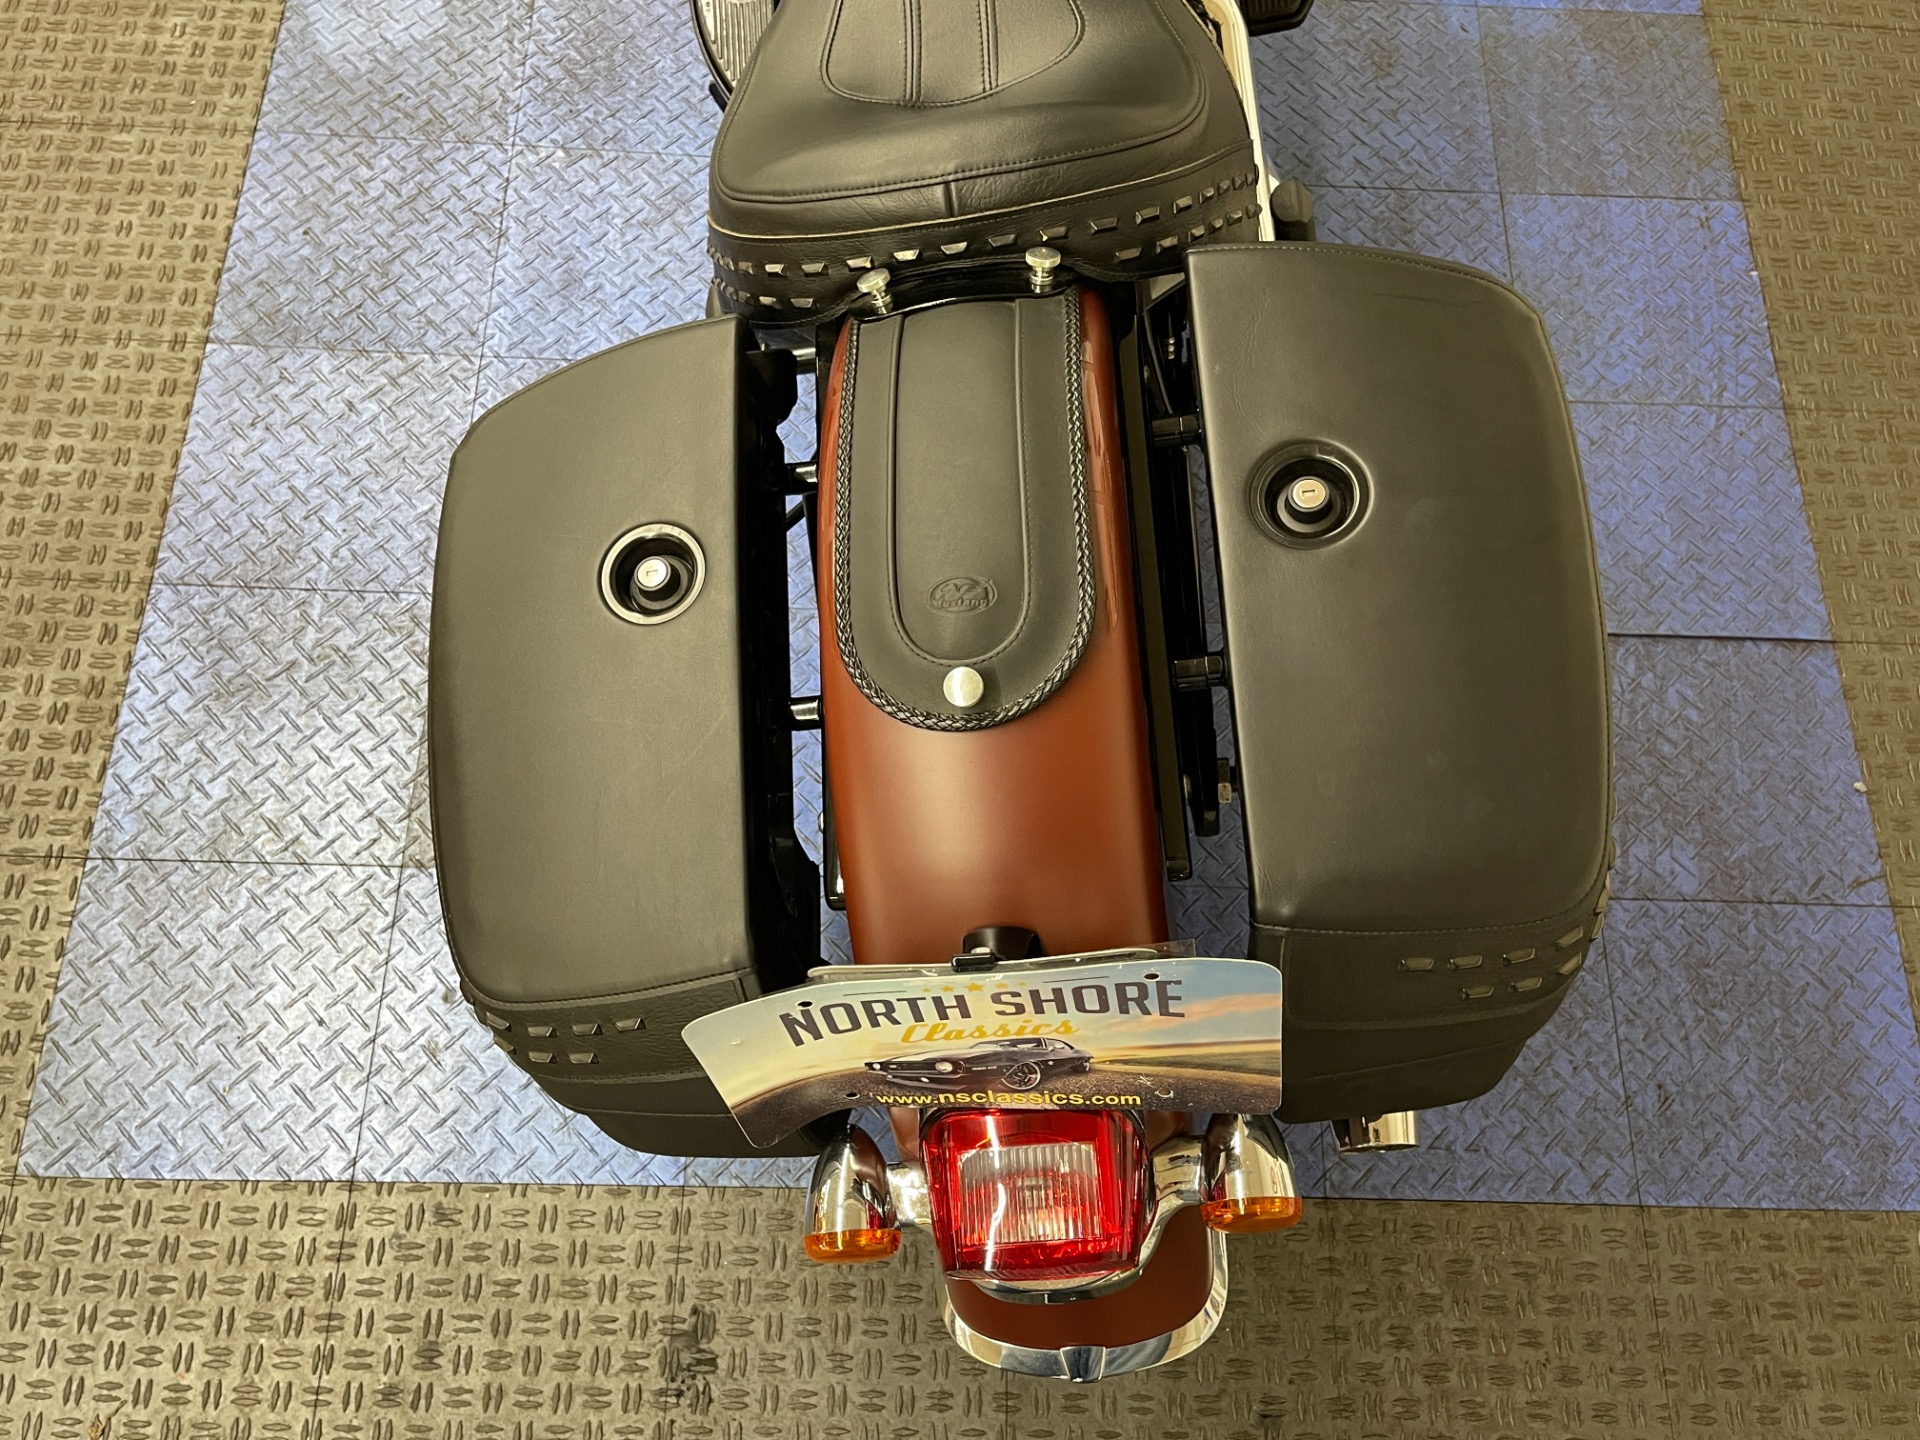 Used 2018 Harley Davidson Softtail Heritage 114 Summer Fun - SEE VIDEO - | Mundelein, IL